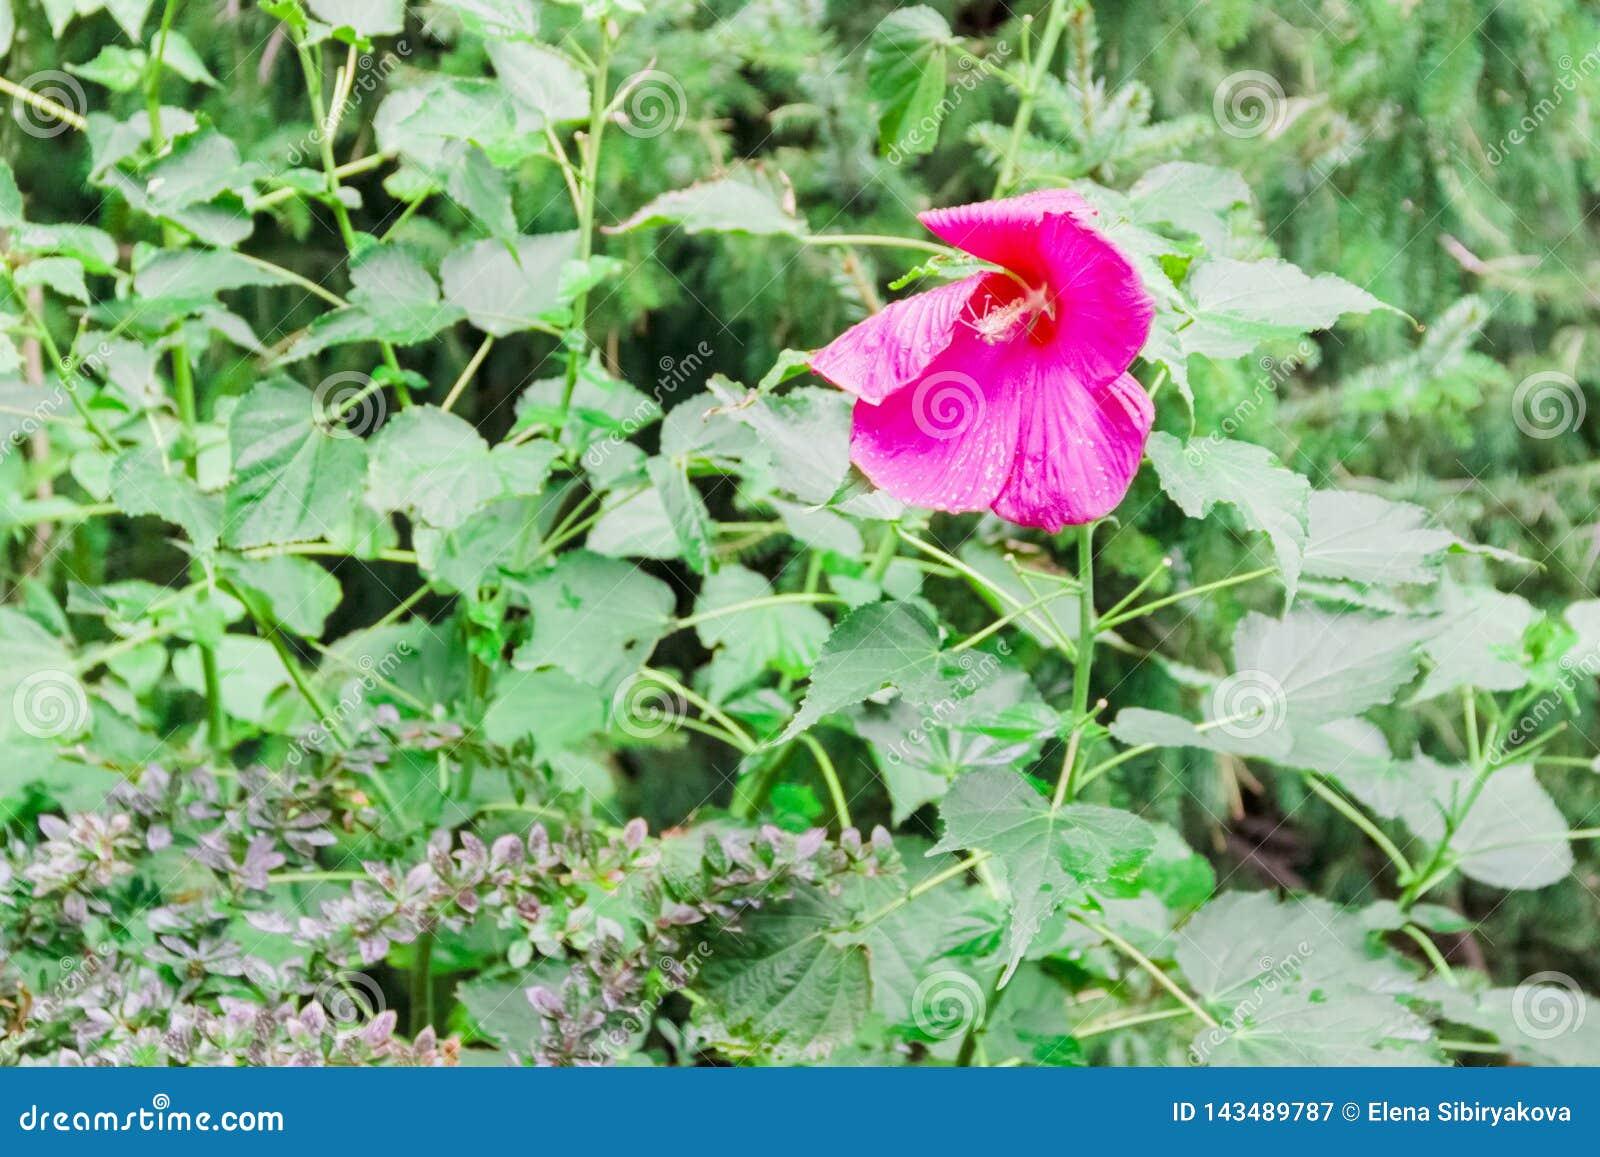 ρόδινο ή κόκκινο Hibiscus sinensis Rosa στο πράσινο υπόβαθρο φύλλων